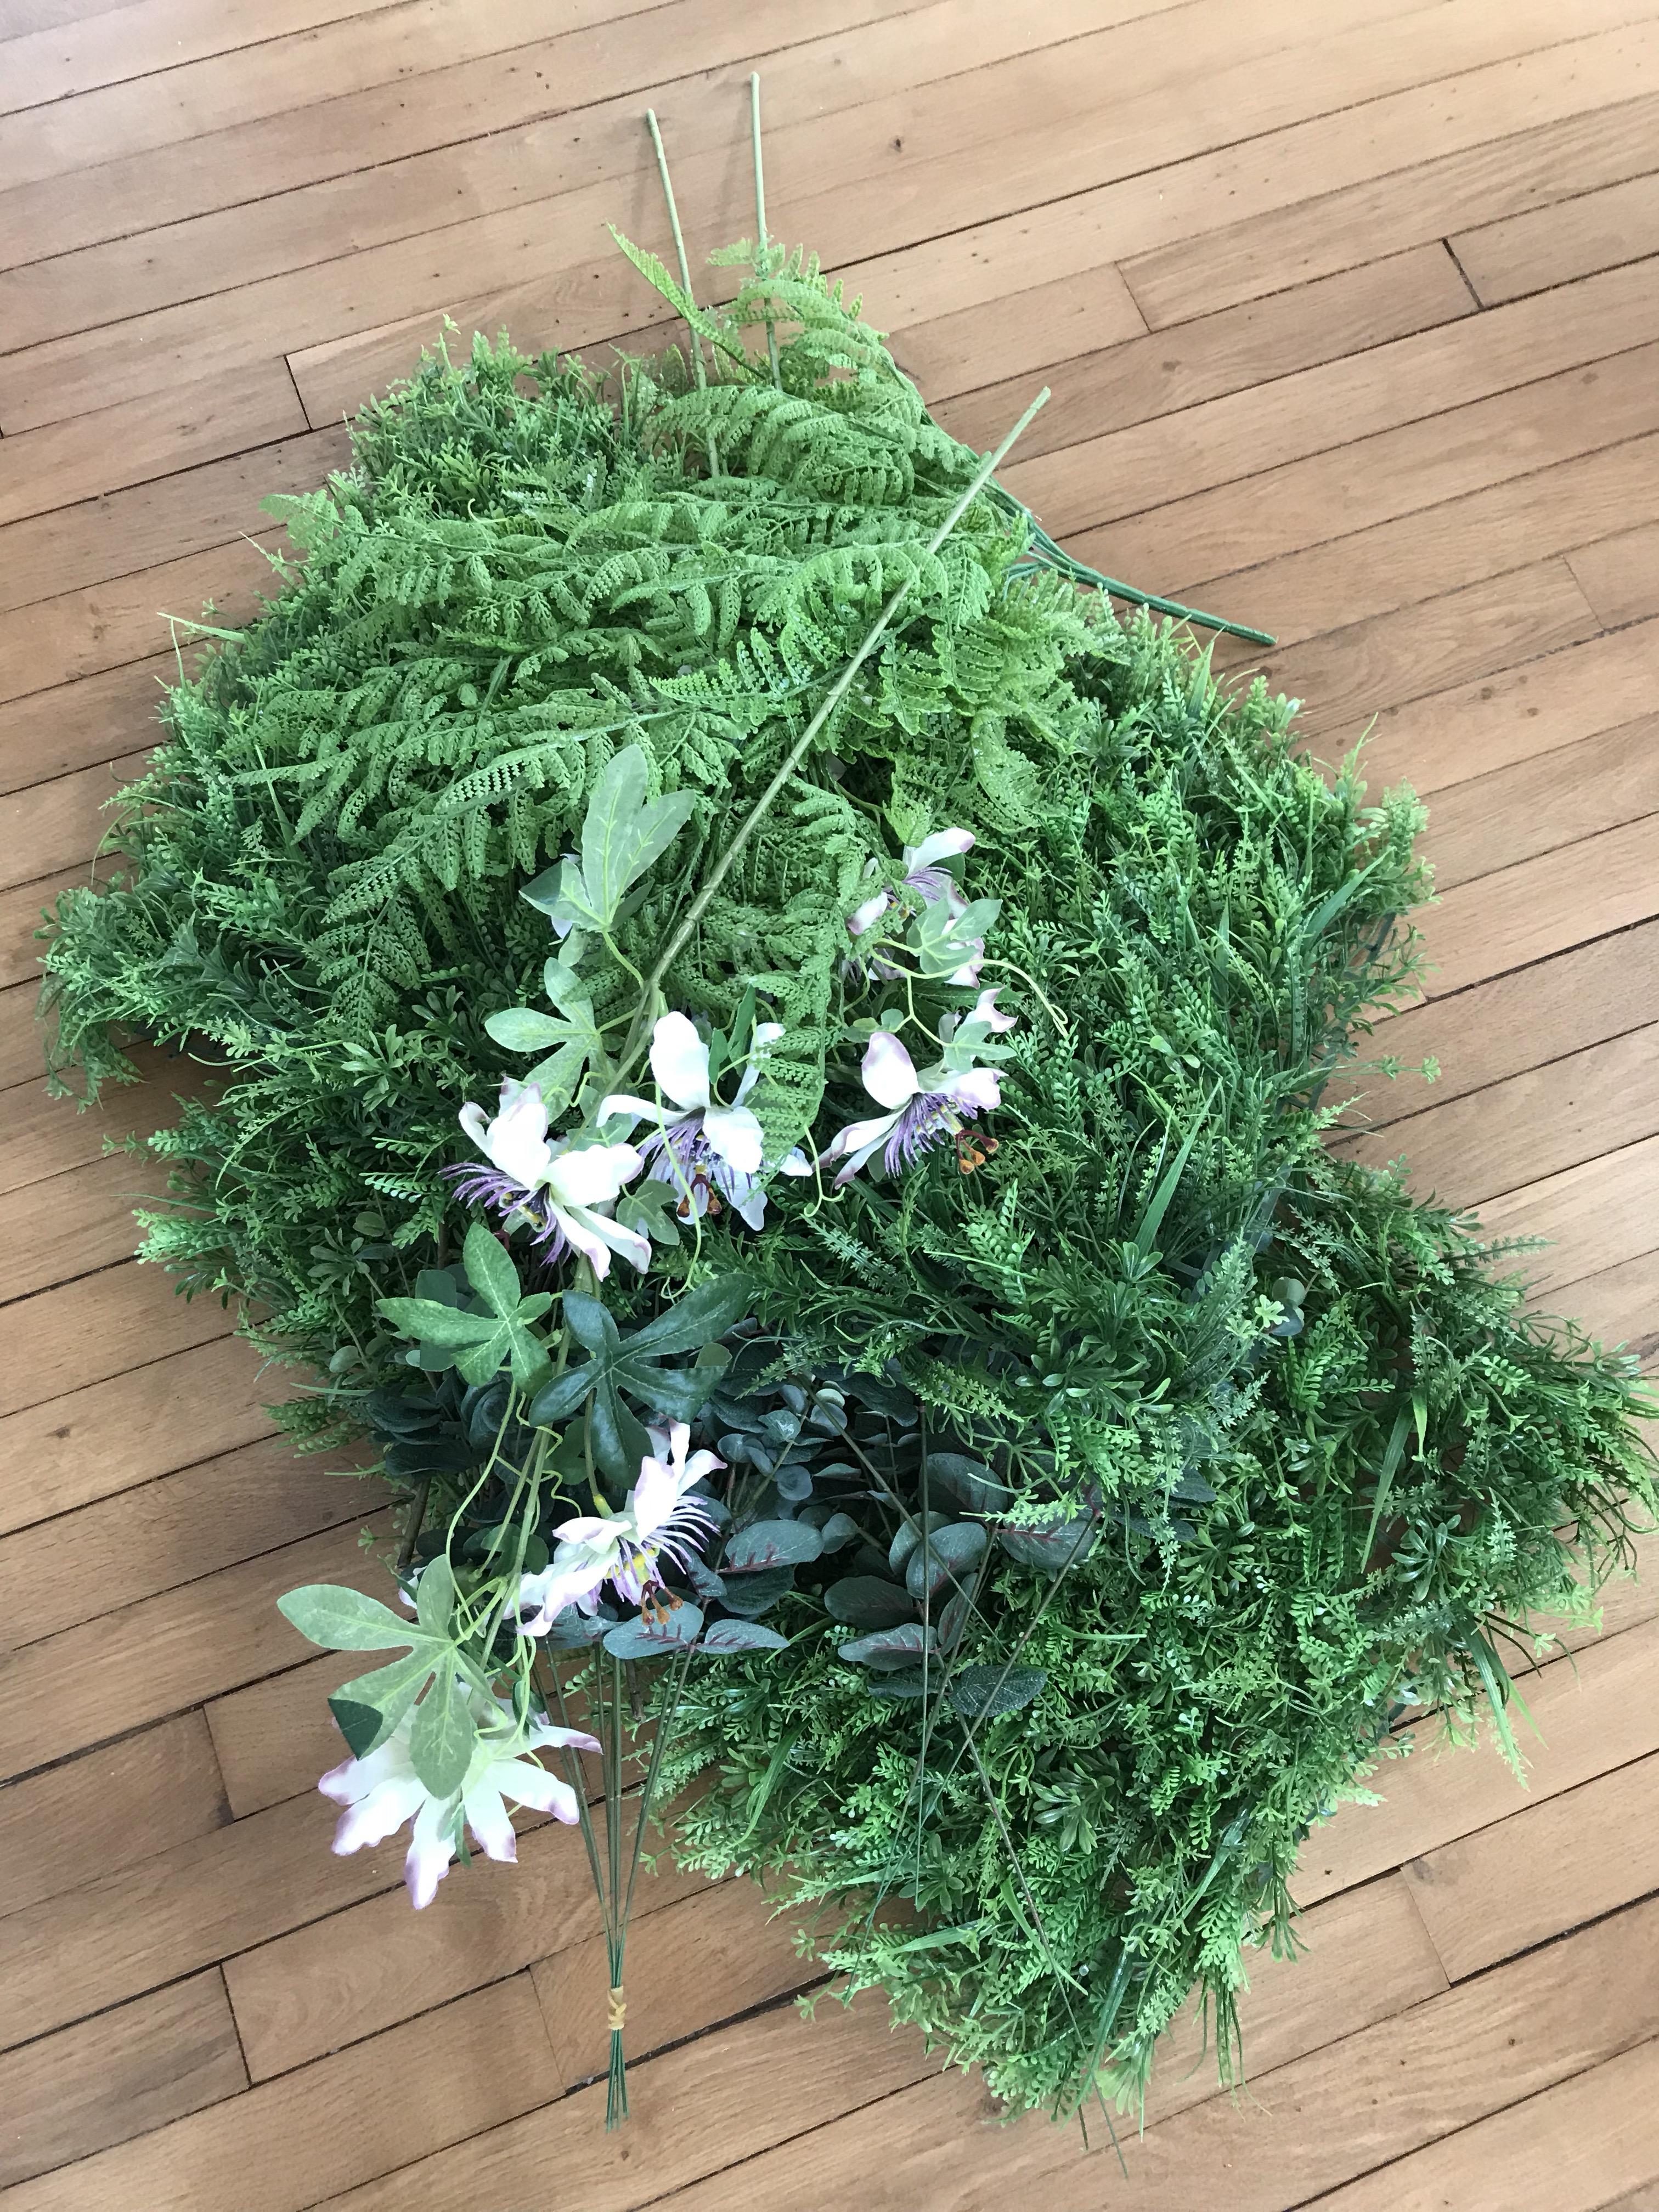 tableau végétal - plantes artificielles